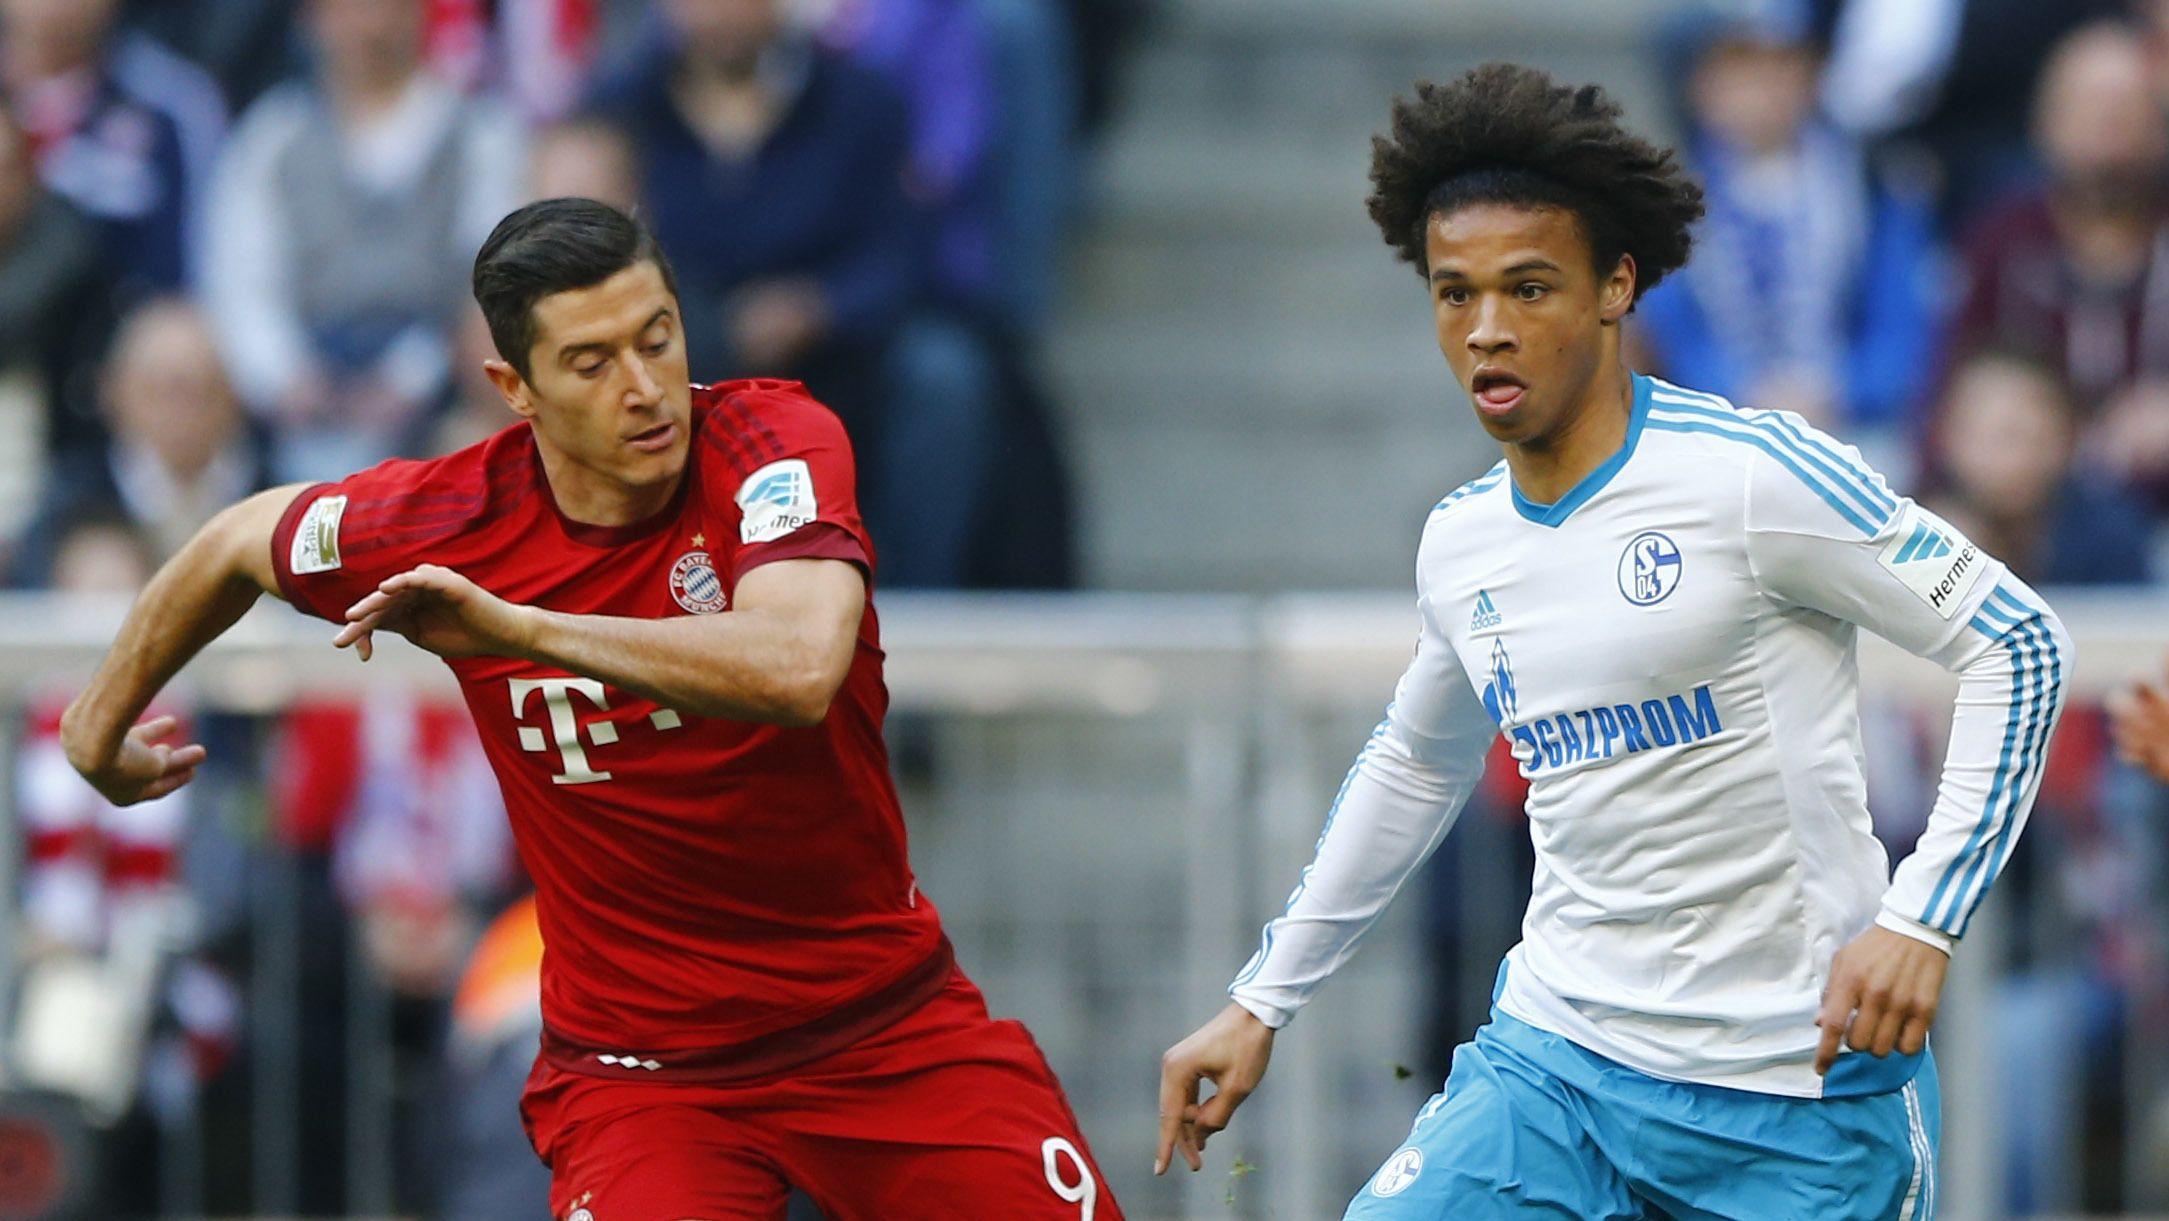 Robert Lewandowski (links) und Leroy Sané in einem Bundesligaspiel 2016 (Archivbild)